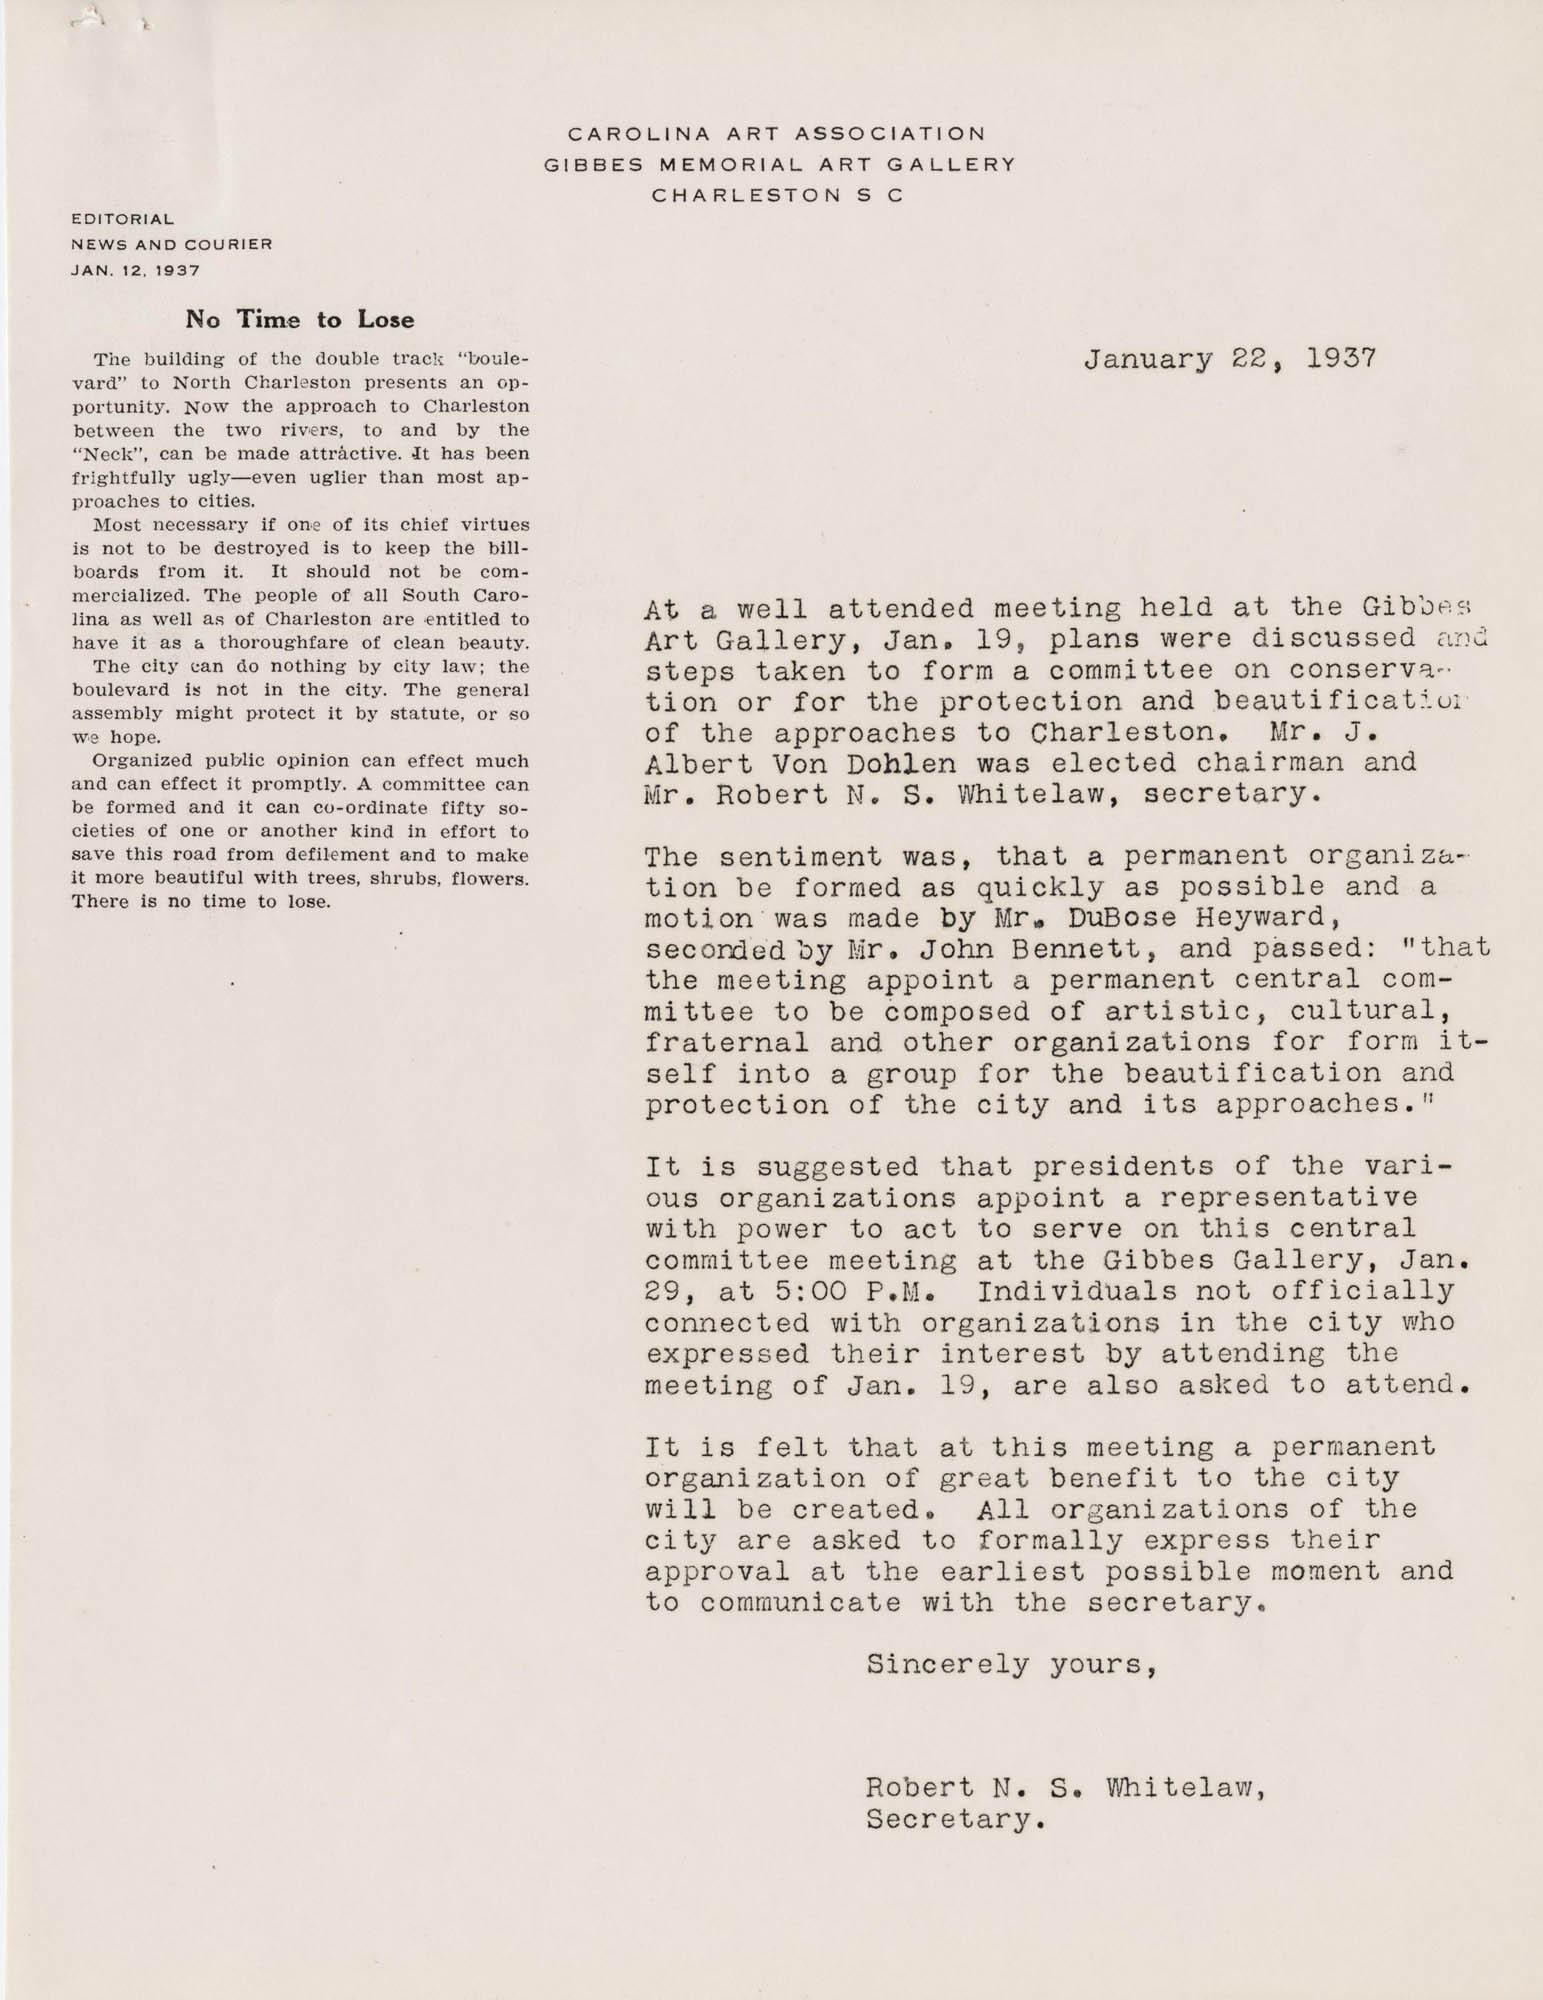 Folder 48: Whitelaw Letter 2